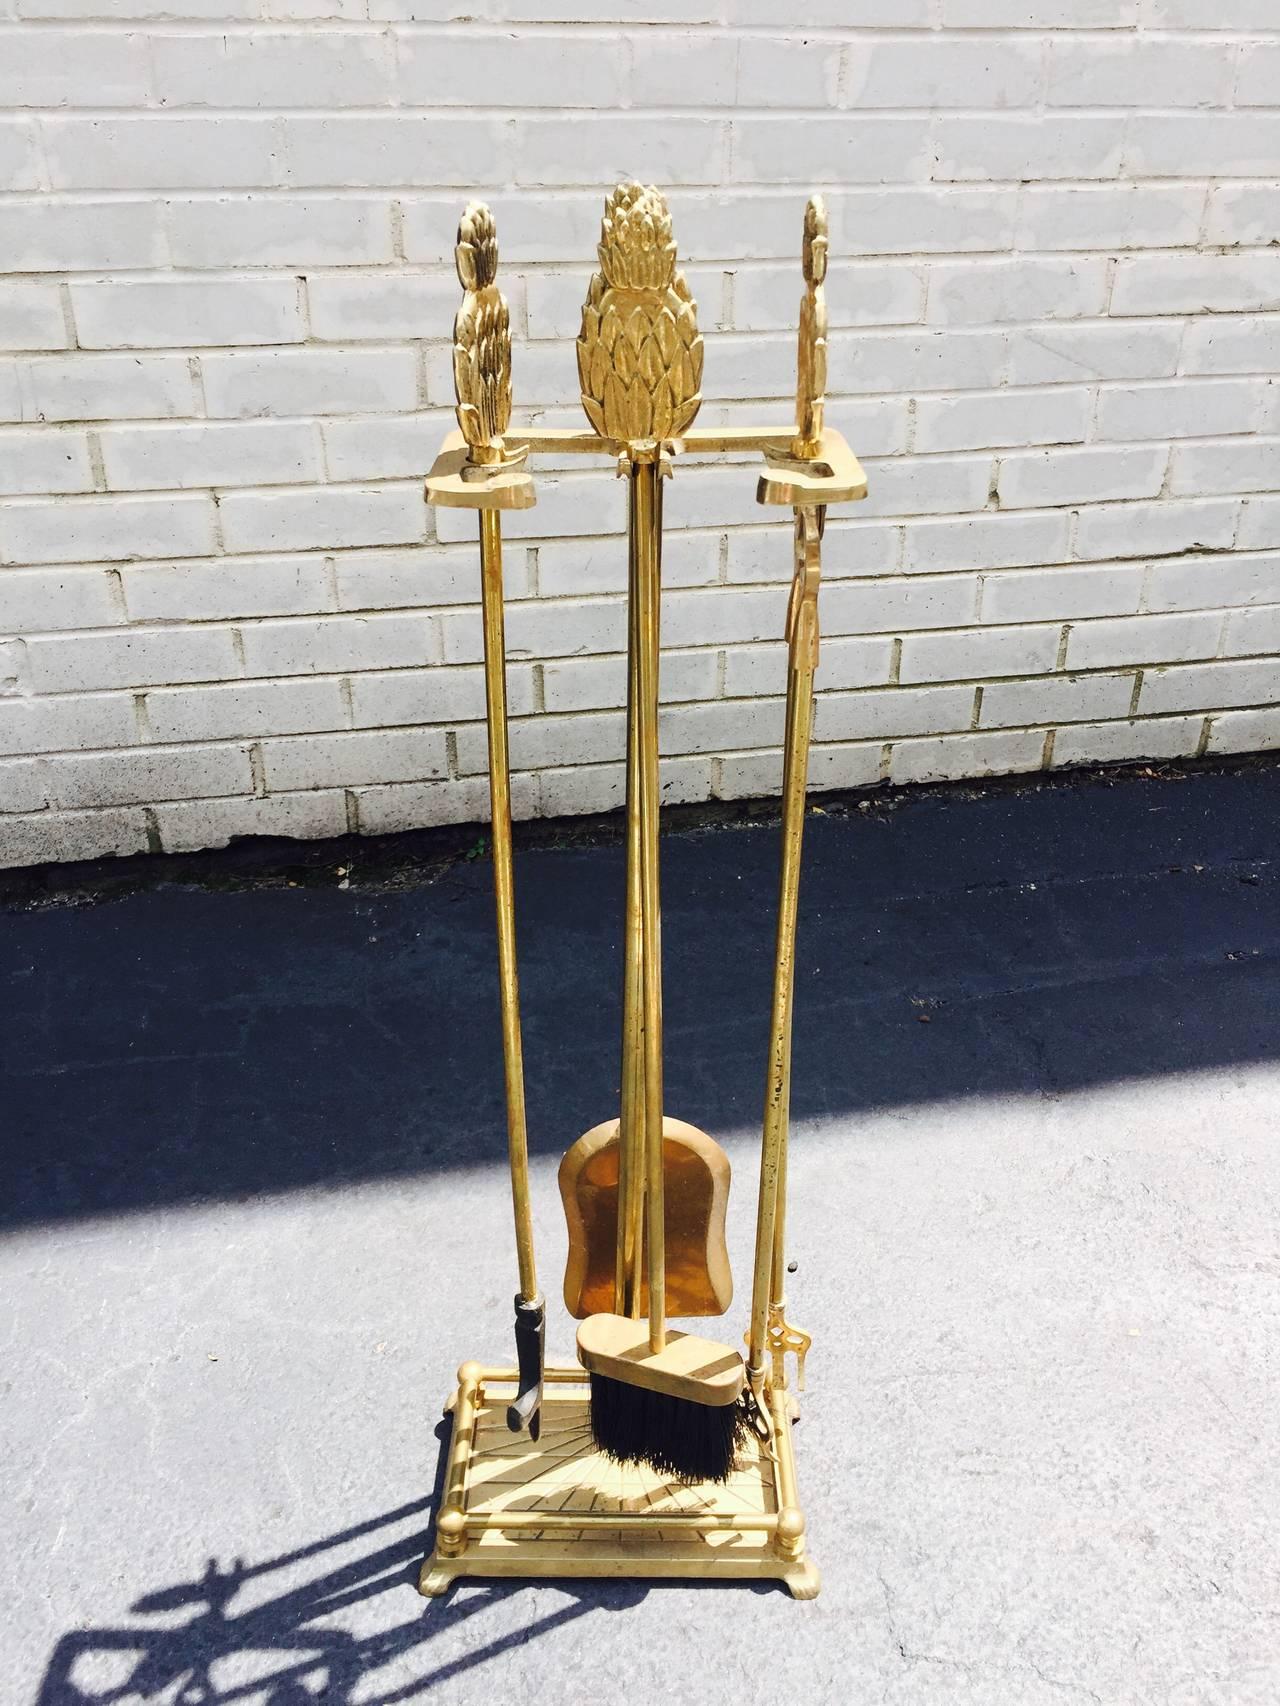 brass pineapple sculptural art deco fireplace tool set for